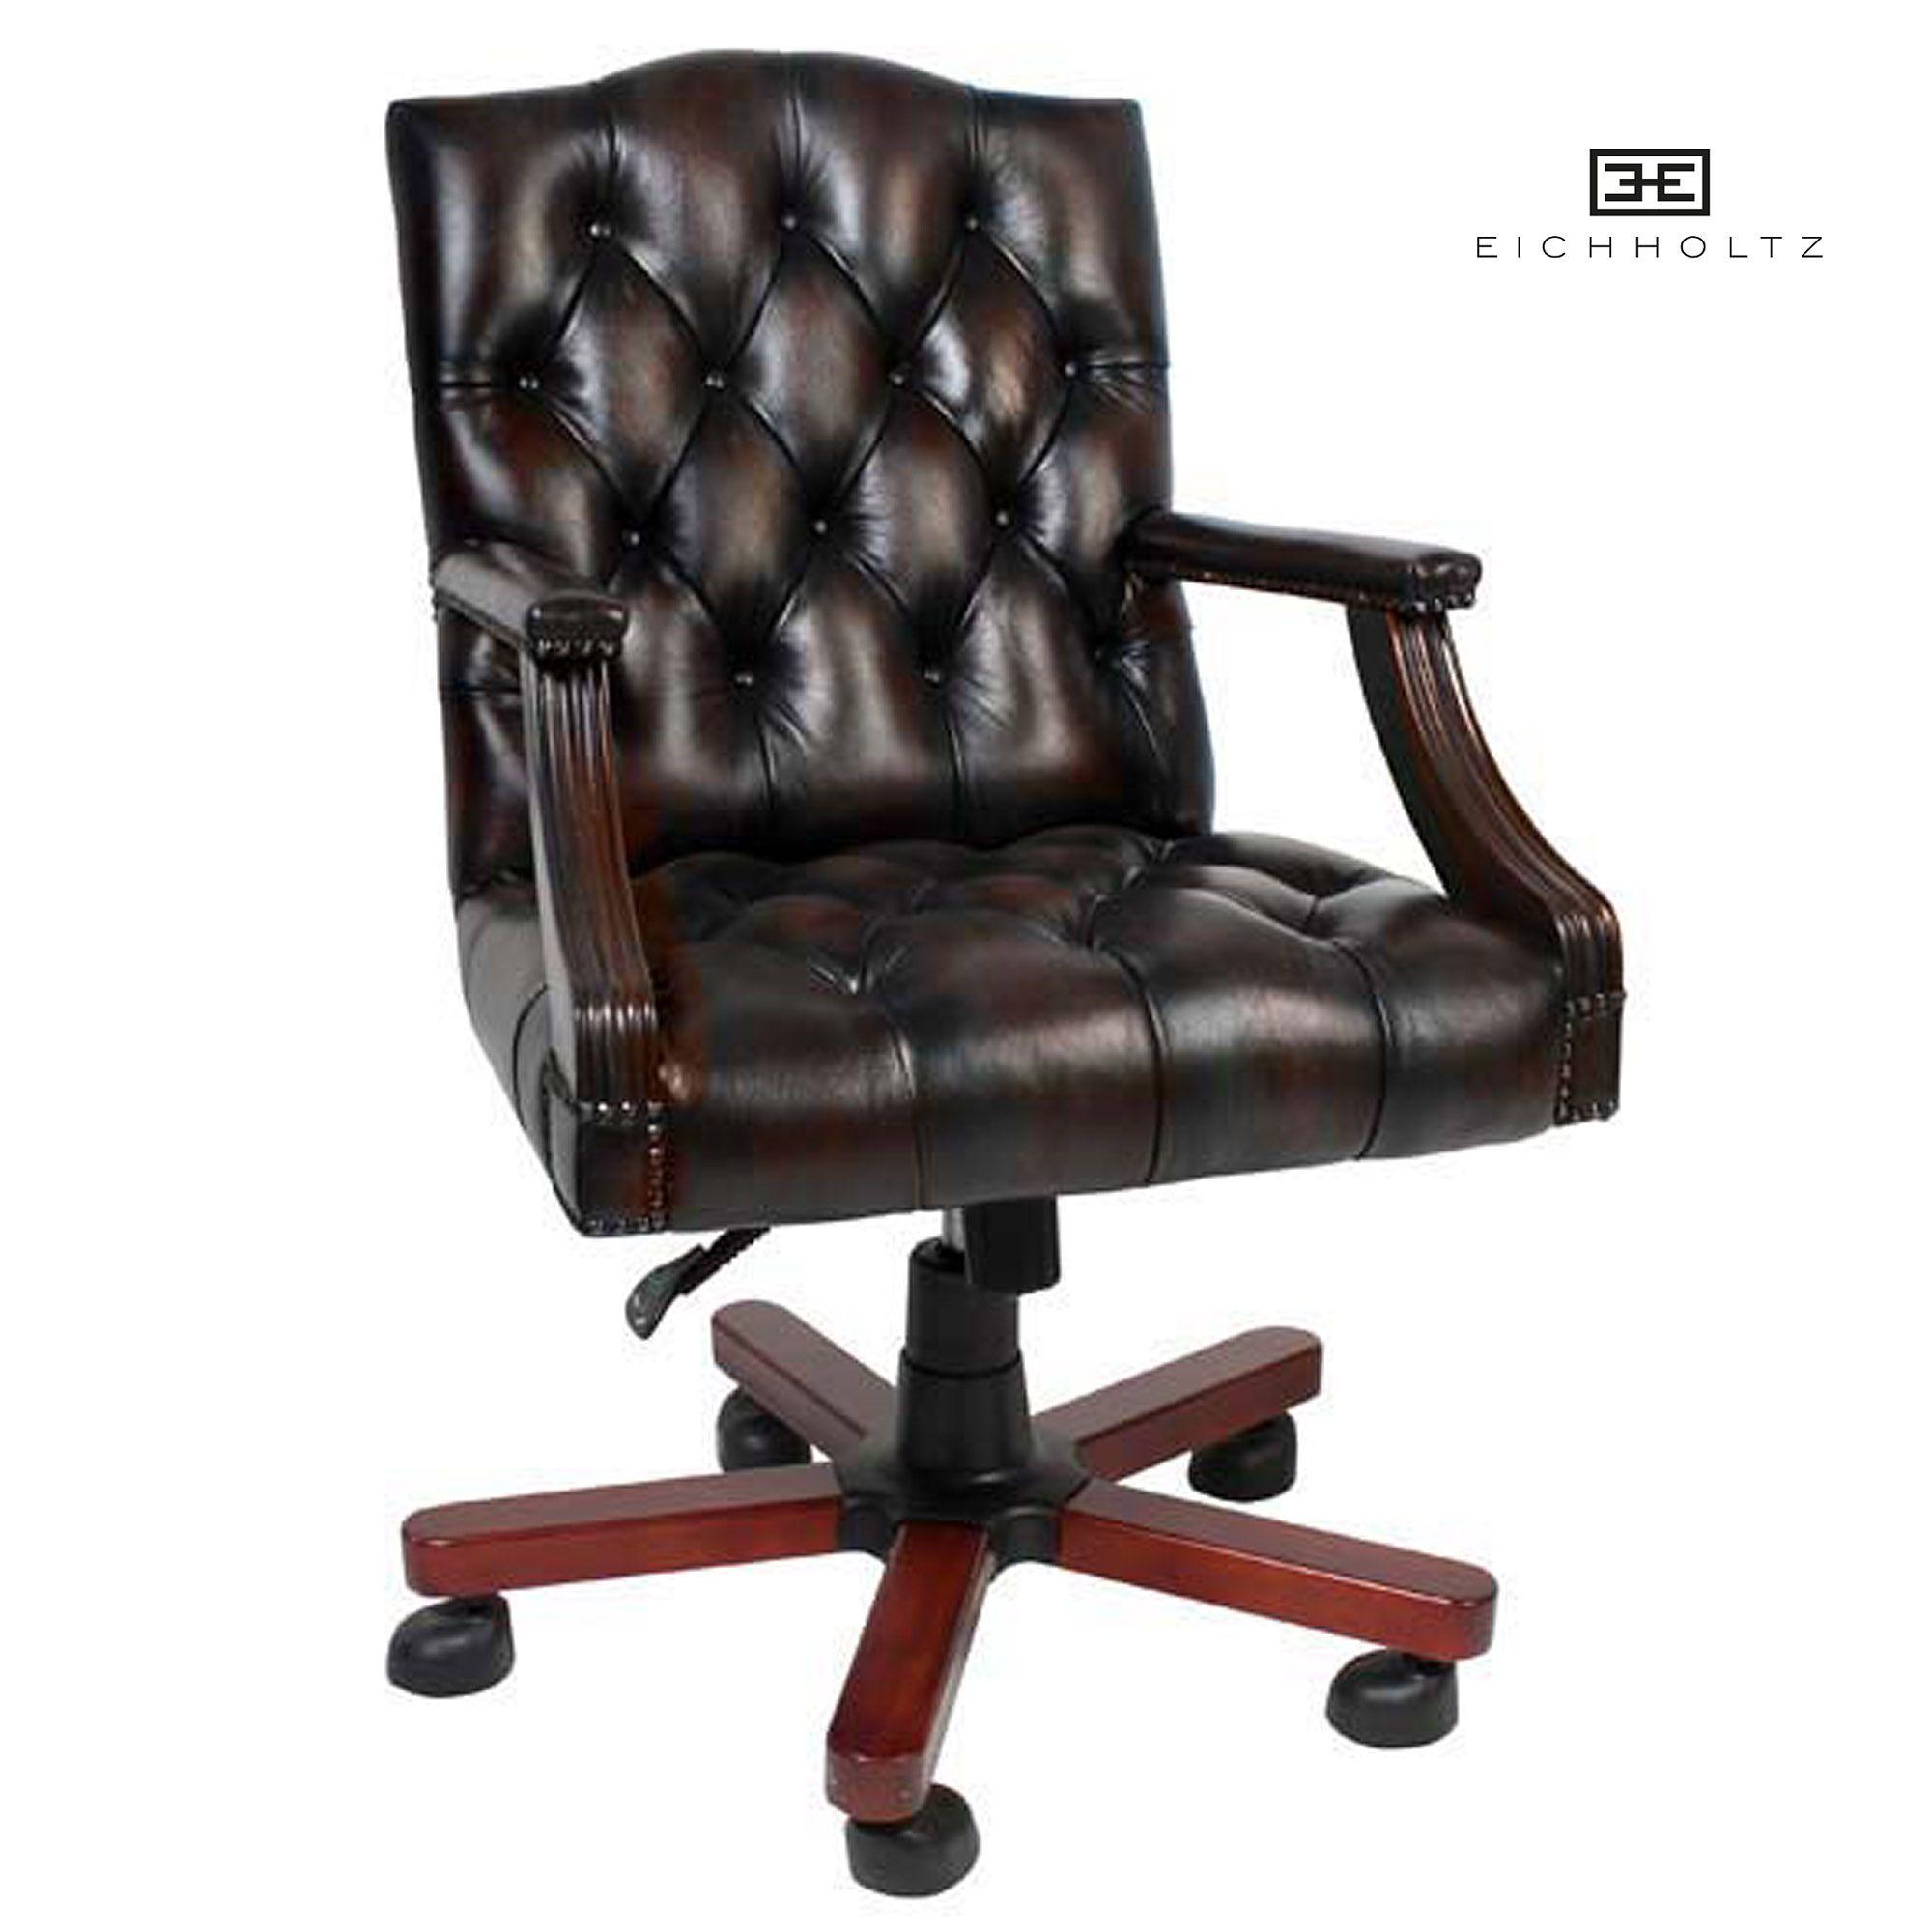 Gecapitonneerde Stoelen Leer.Eichholtz Desk Chair Gainsborough Bureaustoel